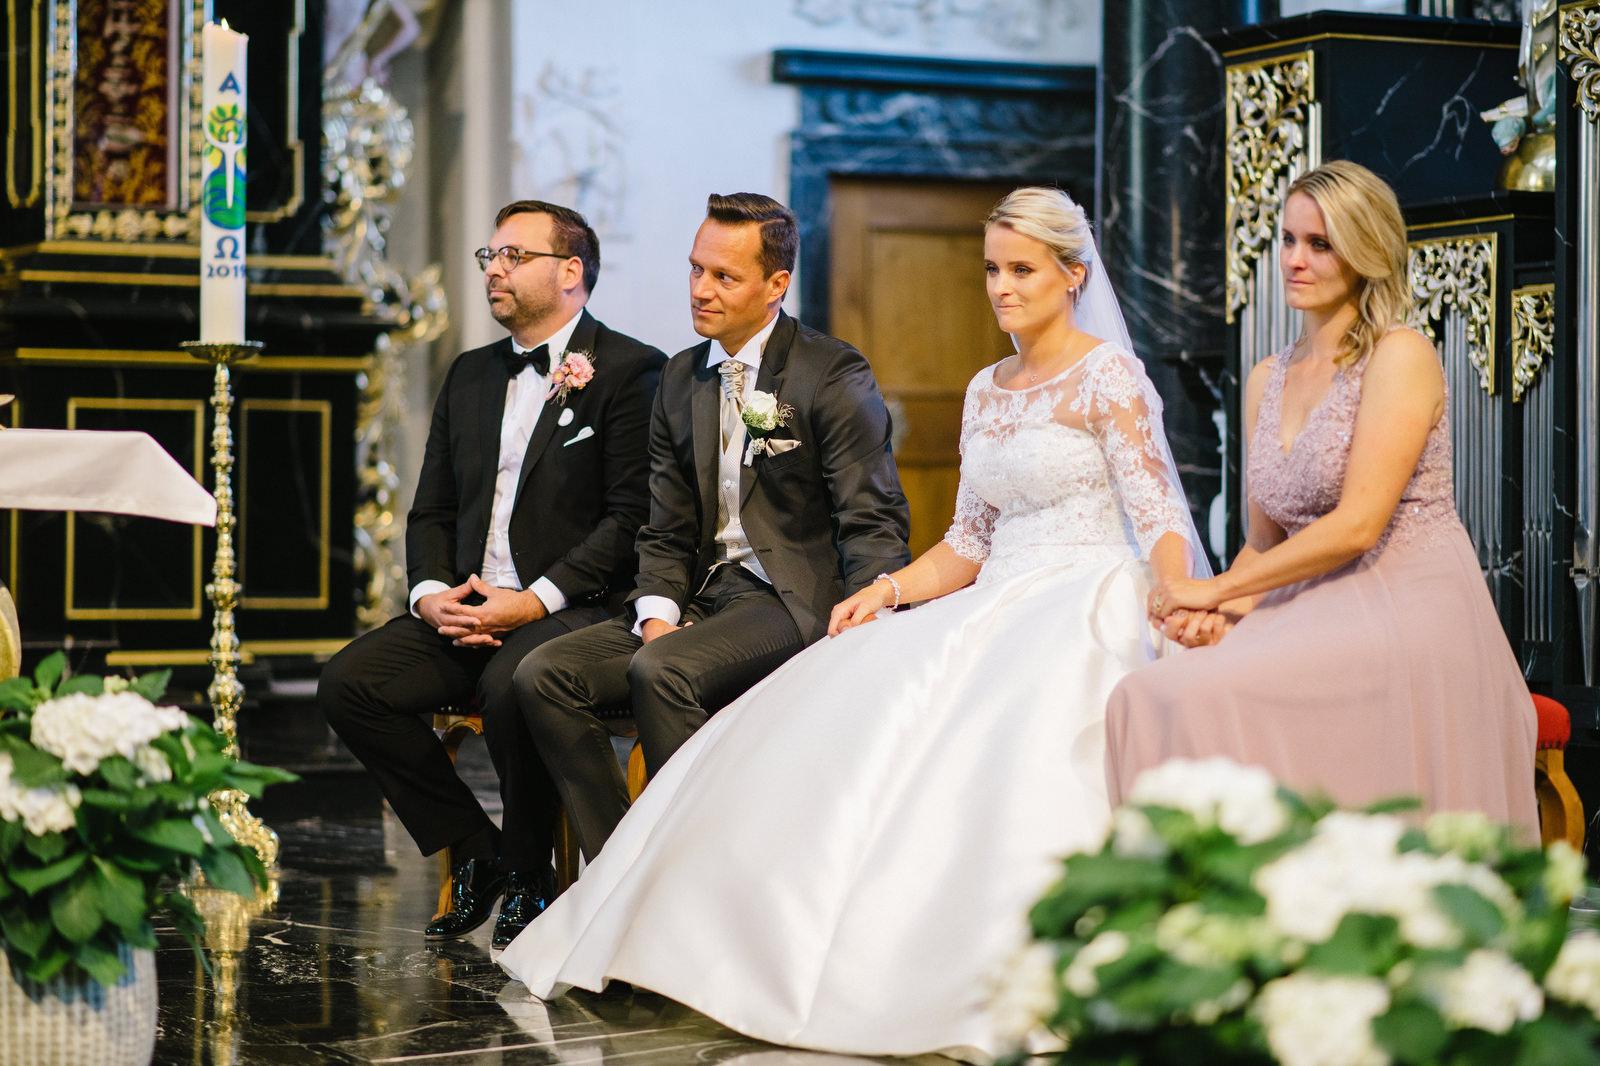 Fotograf Konstanz - Luxus Hochzeit Fotograf Grand Resort Bad Ragaz Schweiz Lichtenstein 062 - Destination wedding at the Grand Resort Bad Ragaz, Swiss  - 146 -